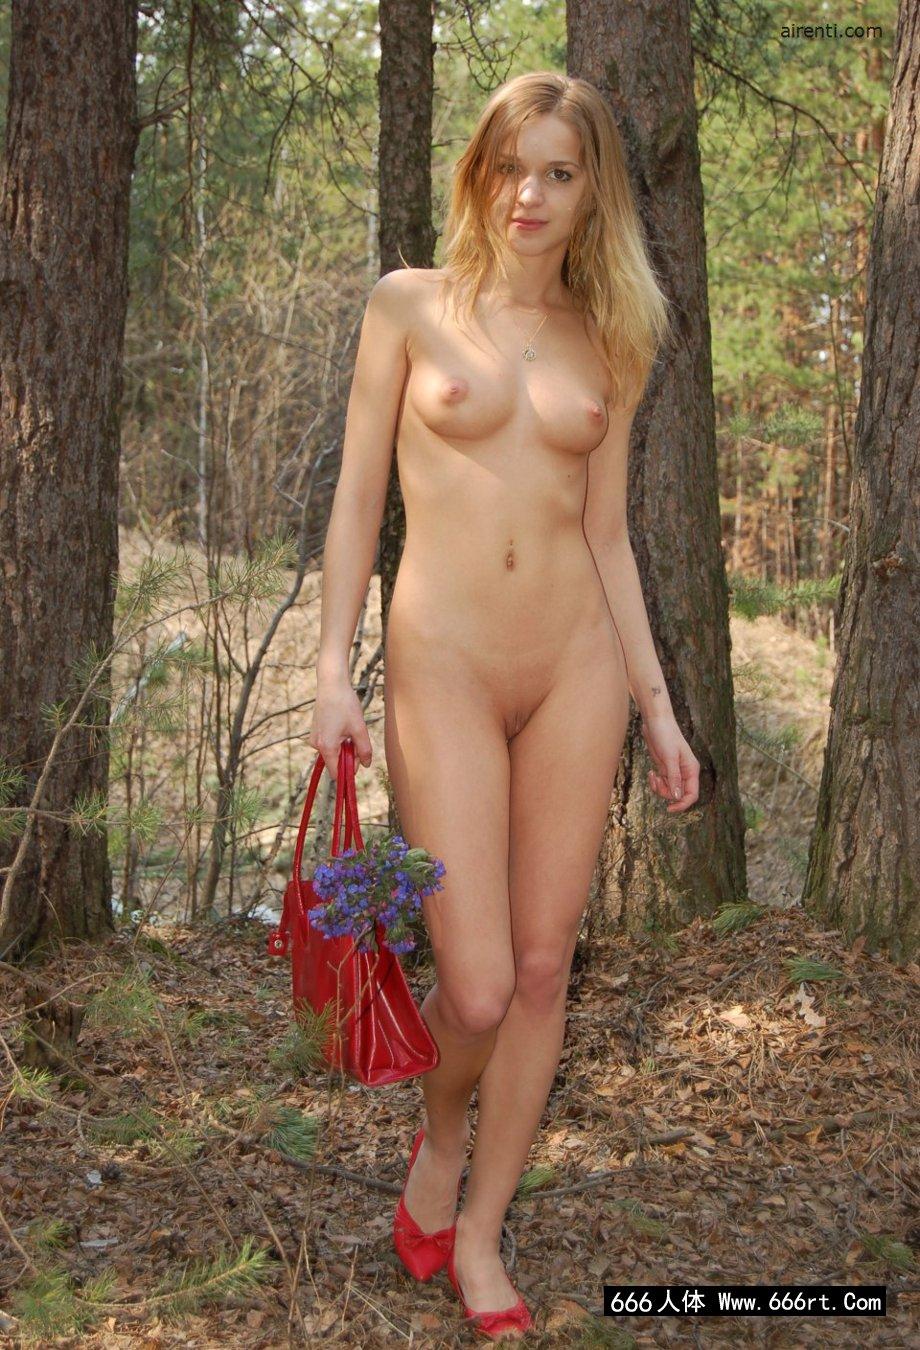 俄罗斯美模Masha松树林外拍